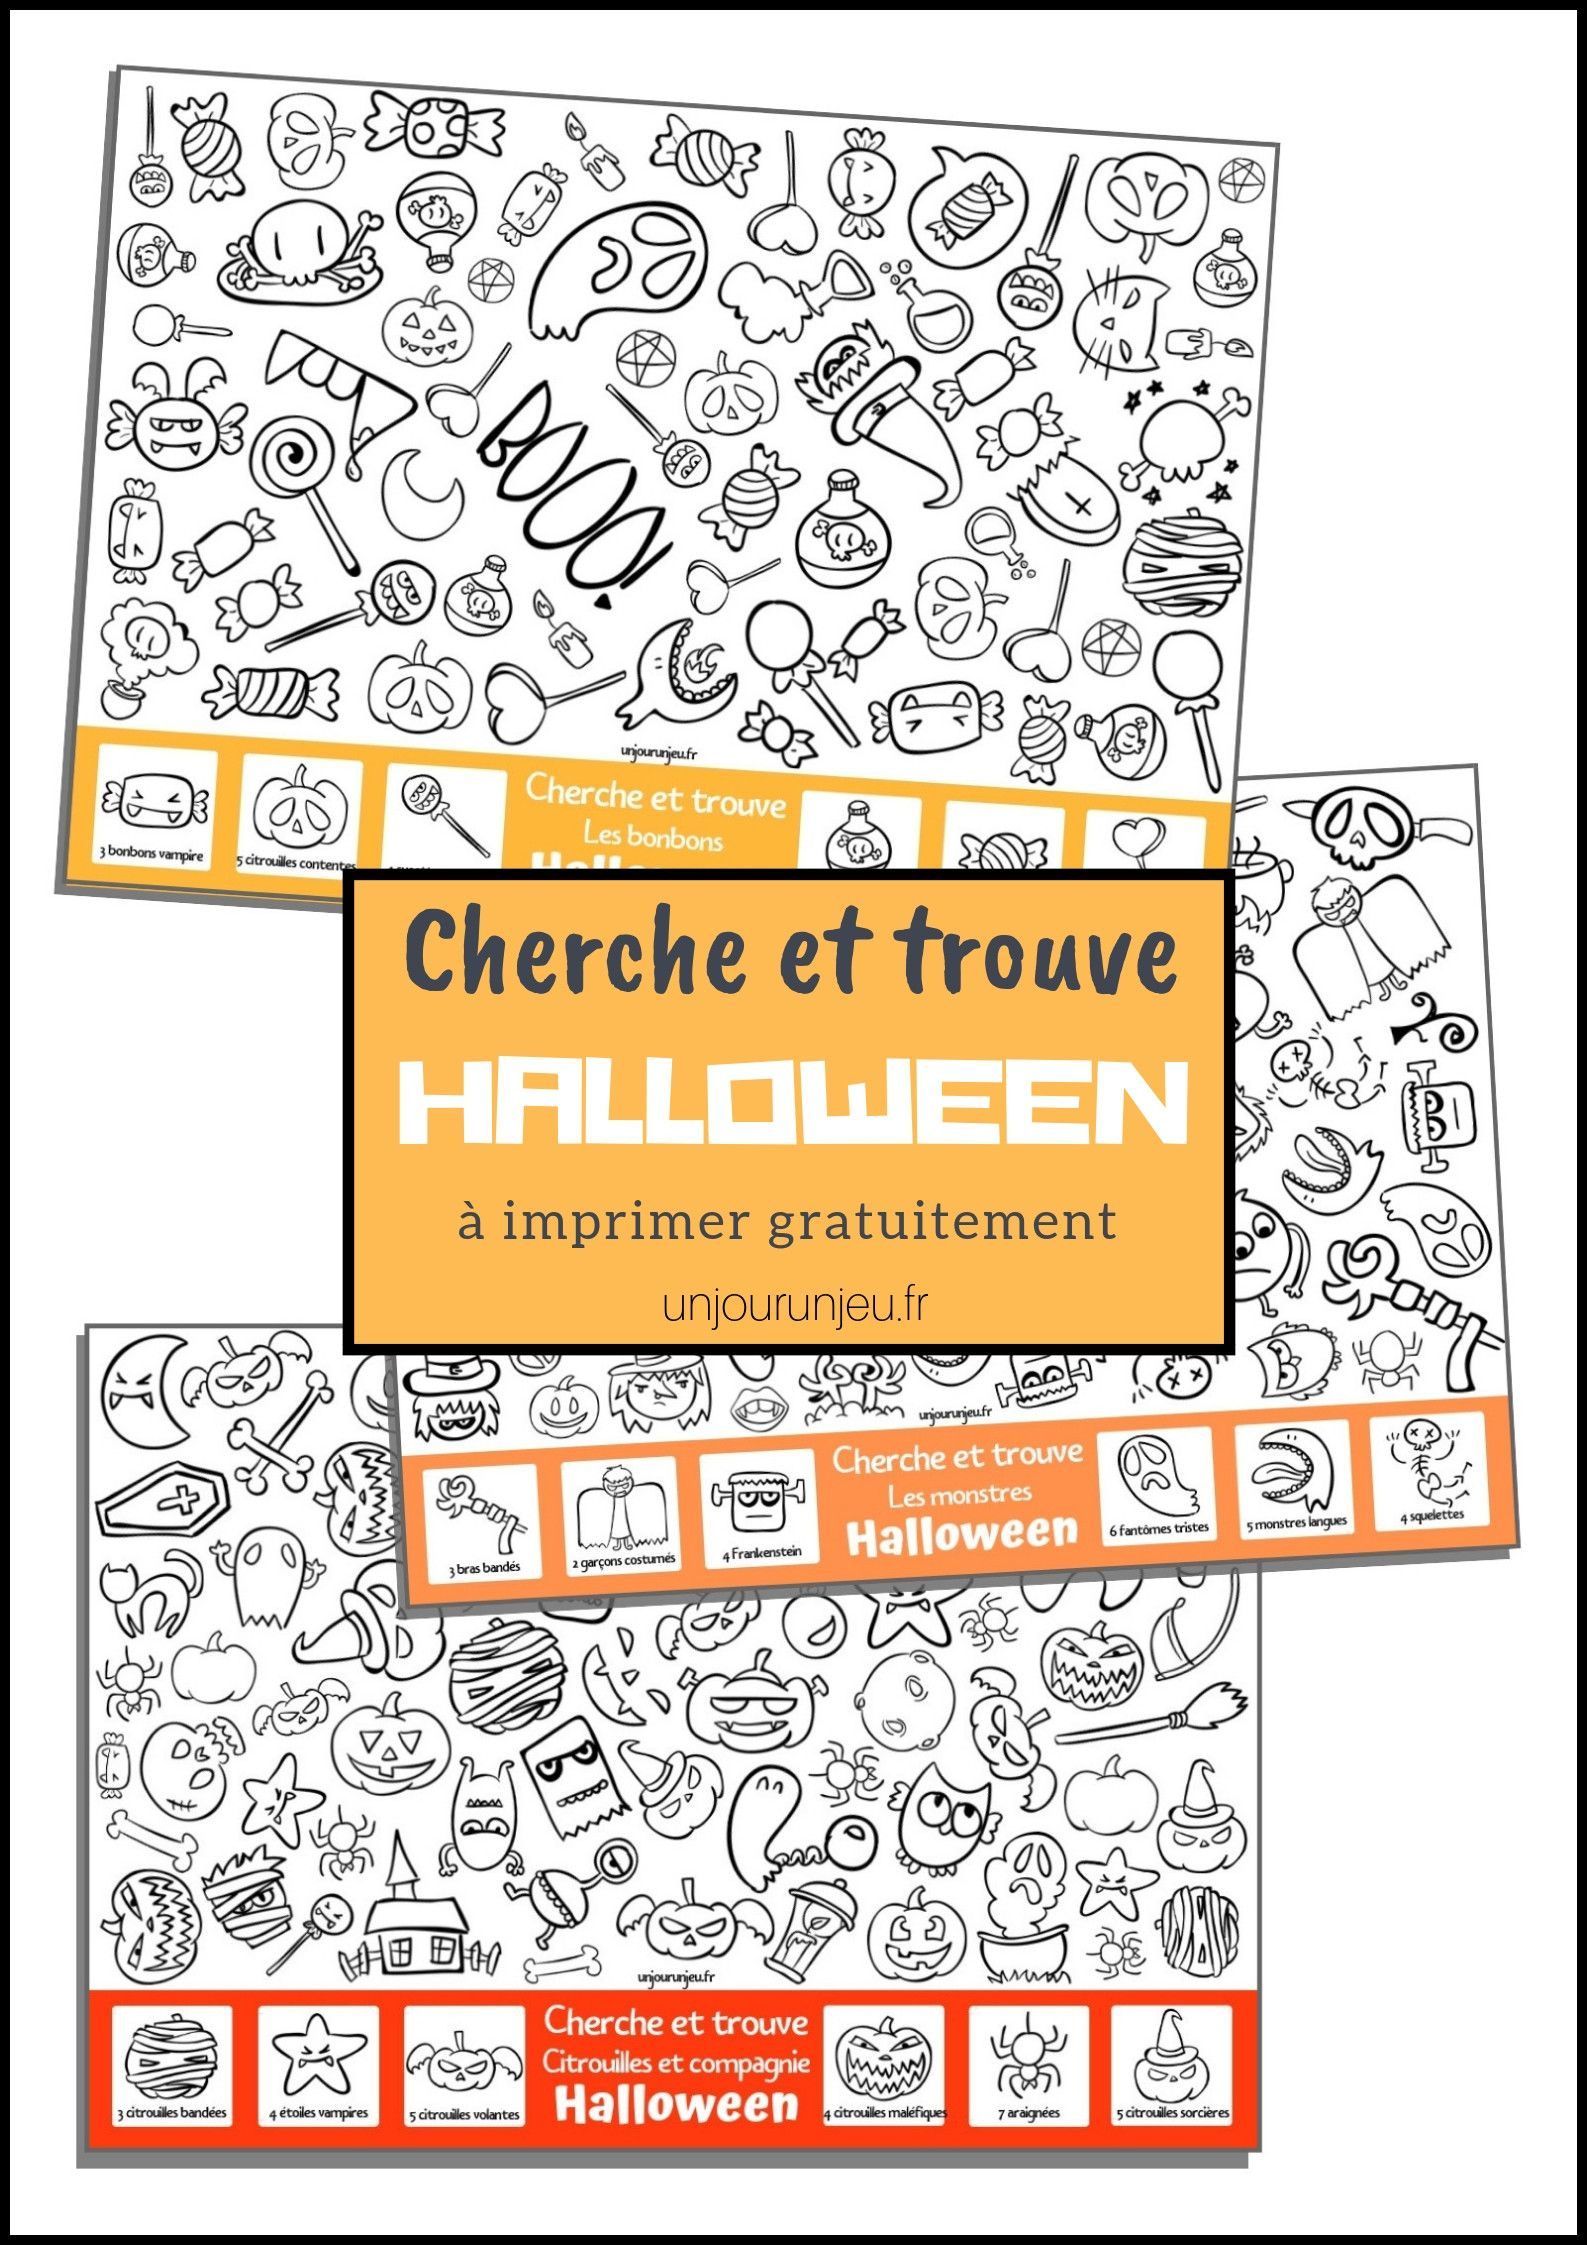 Des Jeux À Imprimer Pour Halloween | Jeux A Imprimer dedans Jeux D Halloween Gratuit